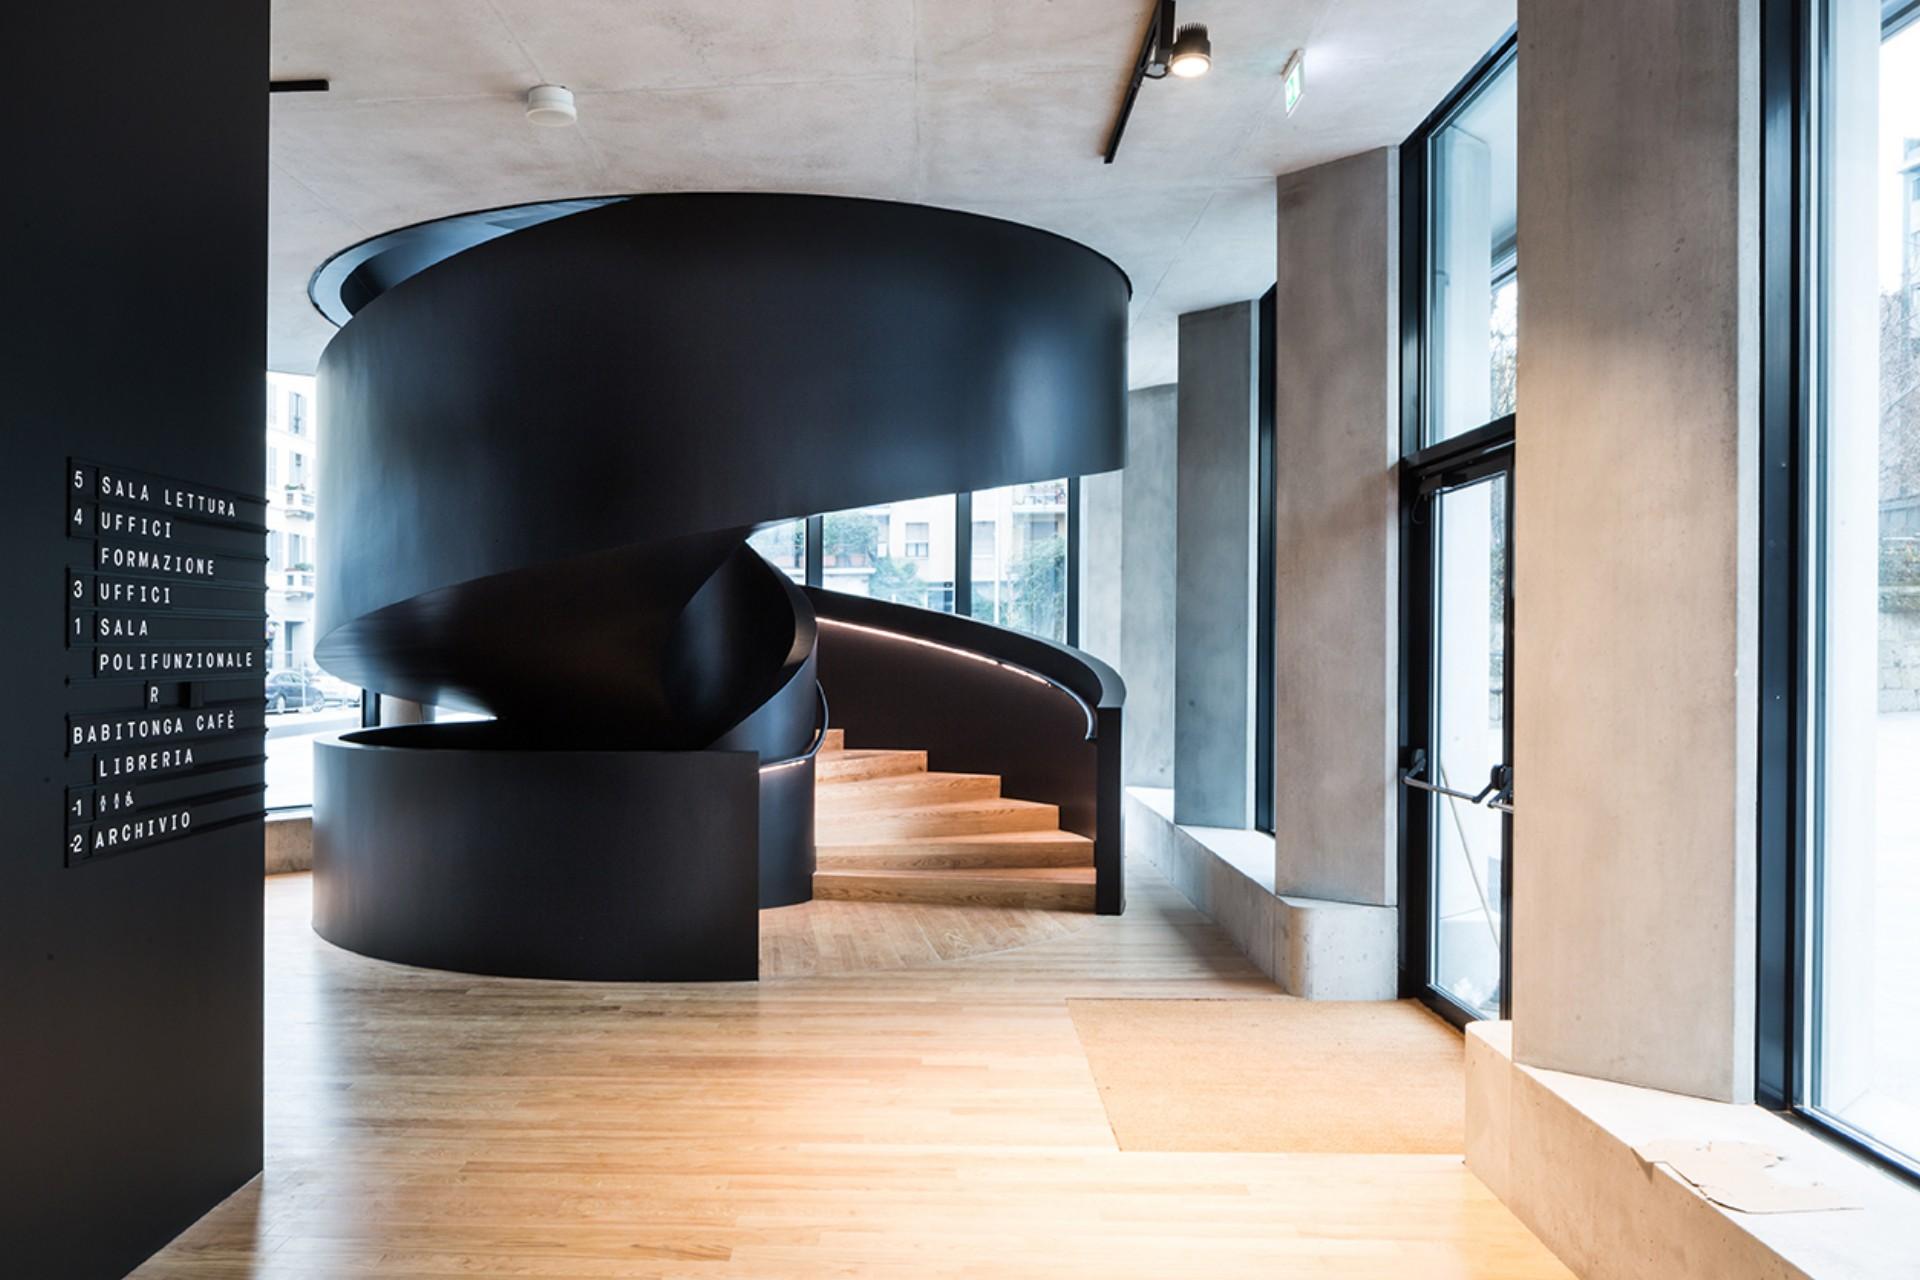 Studio La Sala Milano feltrinelli milan: herzog & de meuron new headquarter of